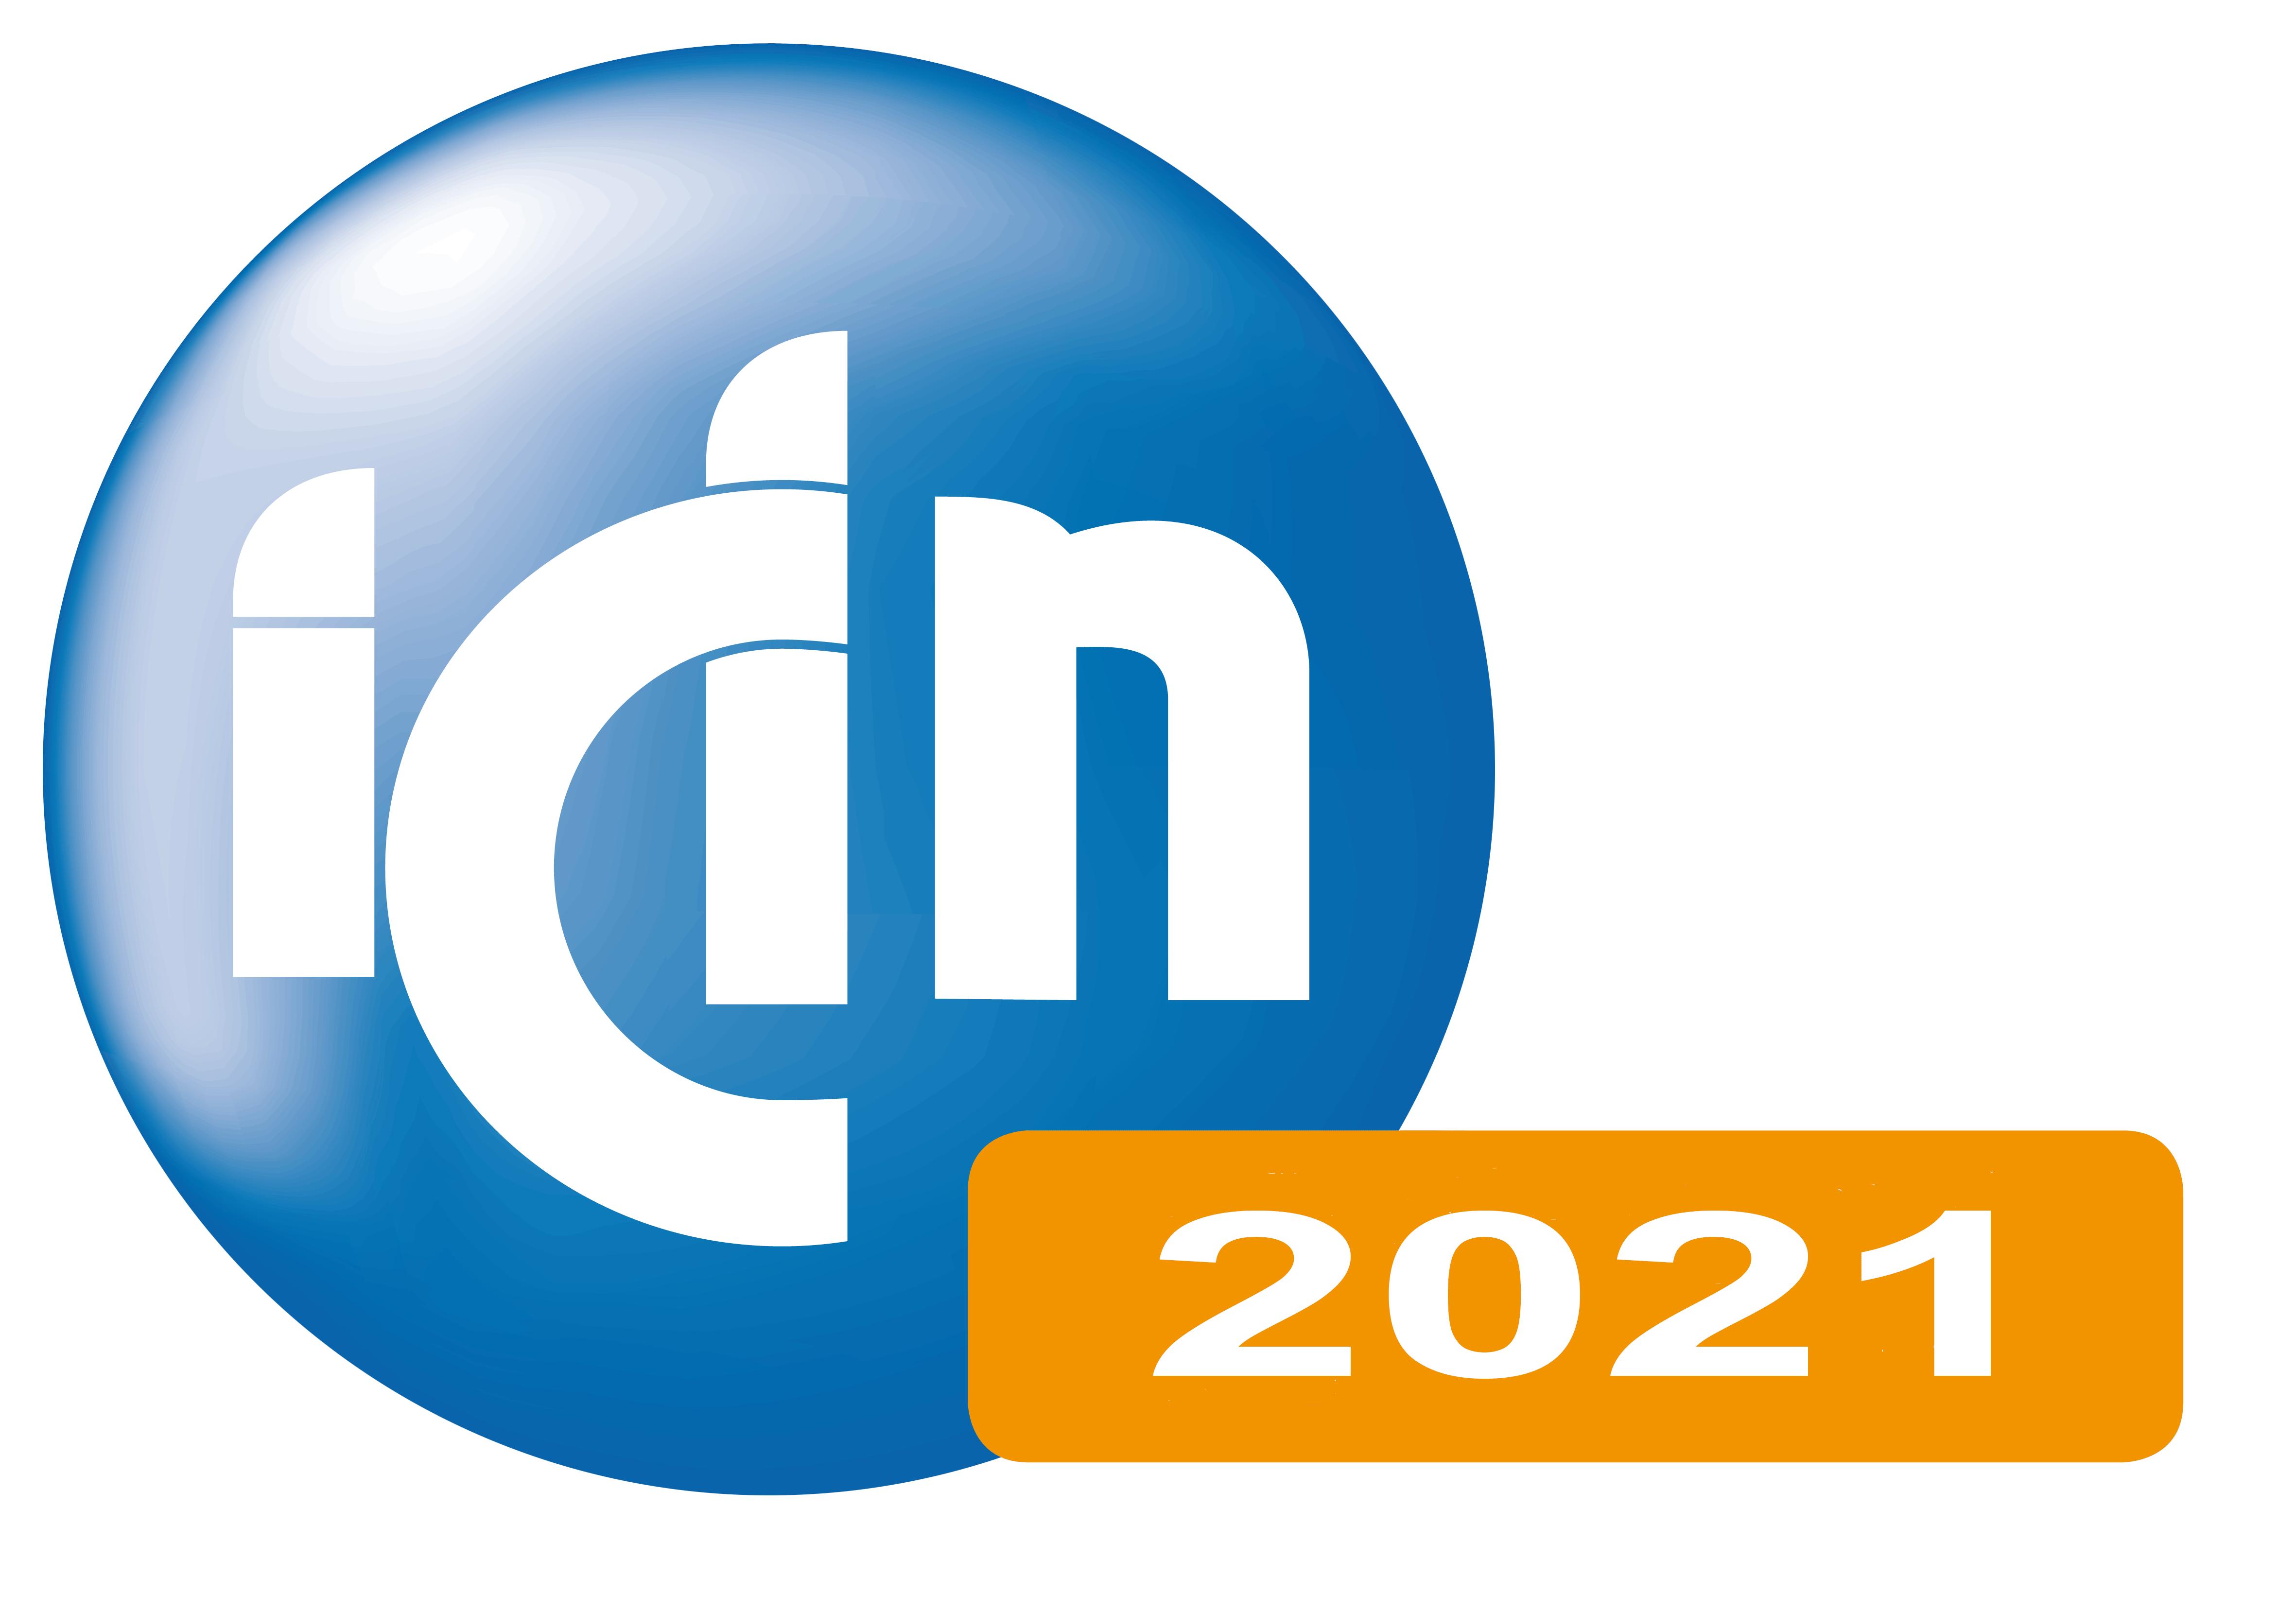 ICIN 2021